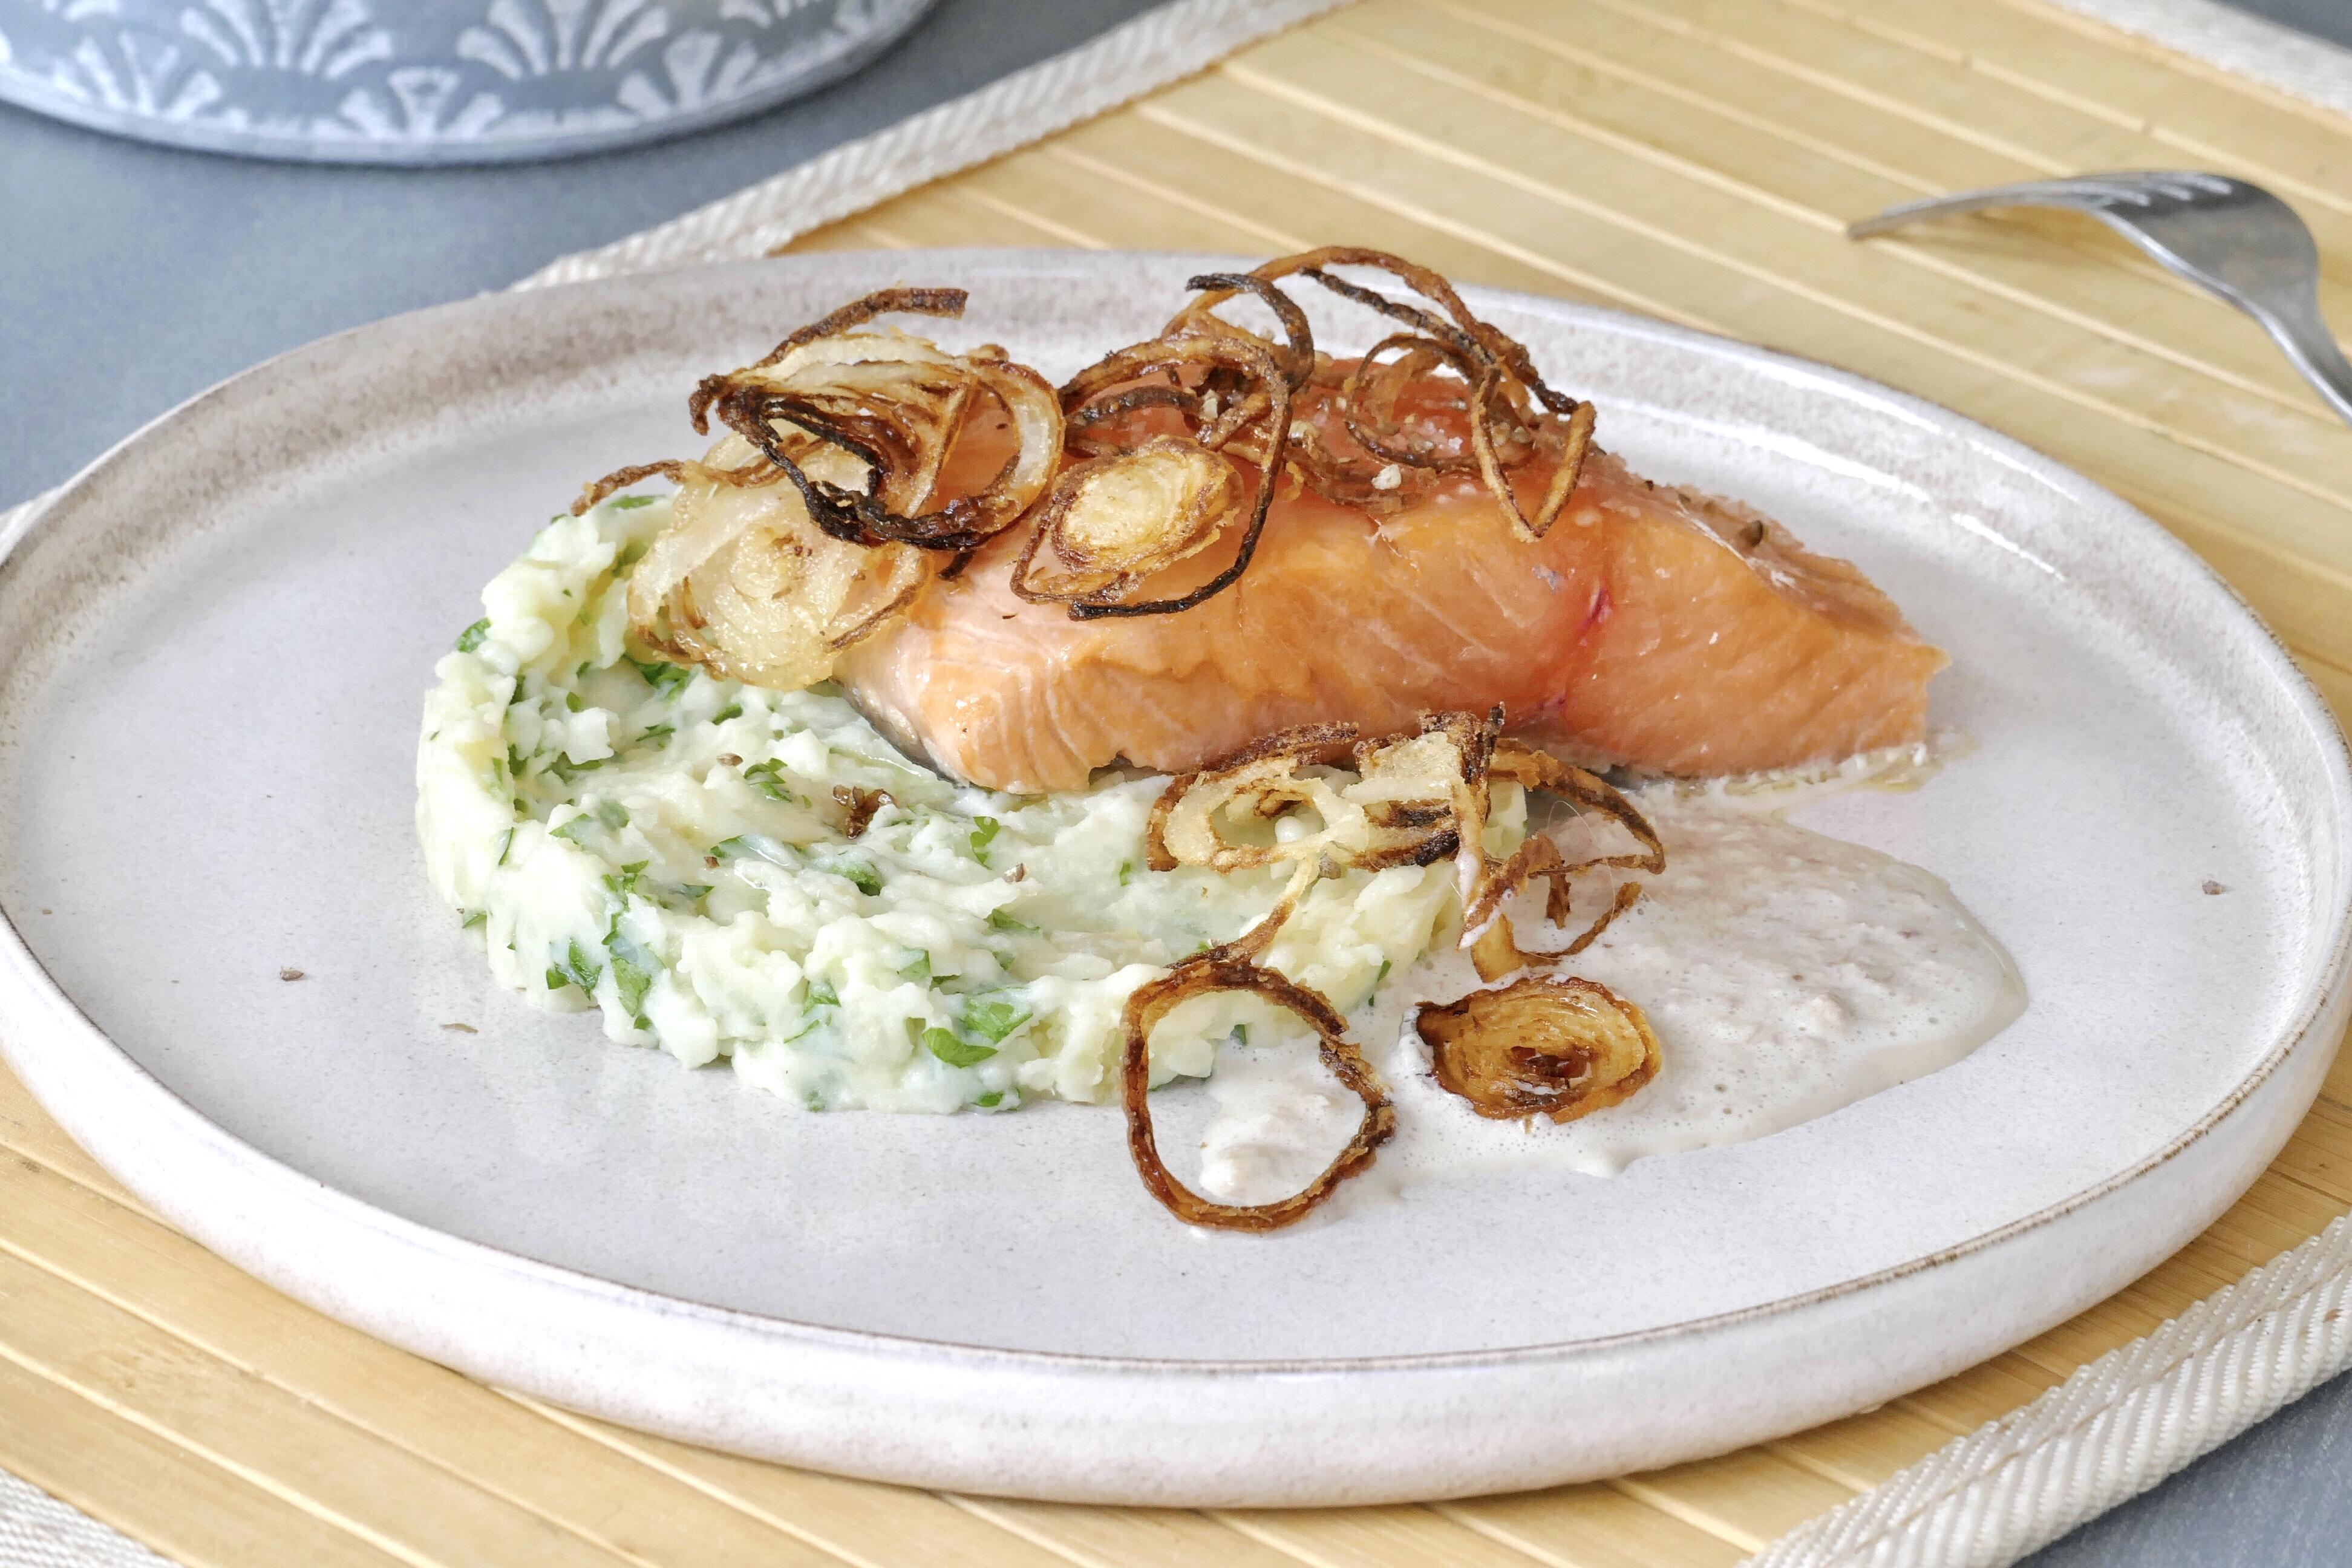 Saumon, écrasée de pommes de terre aux herbes, oignons crispy